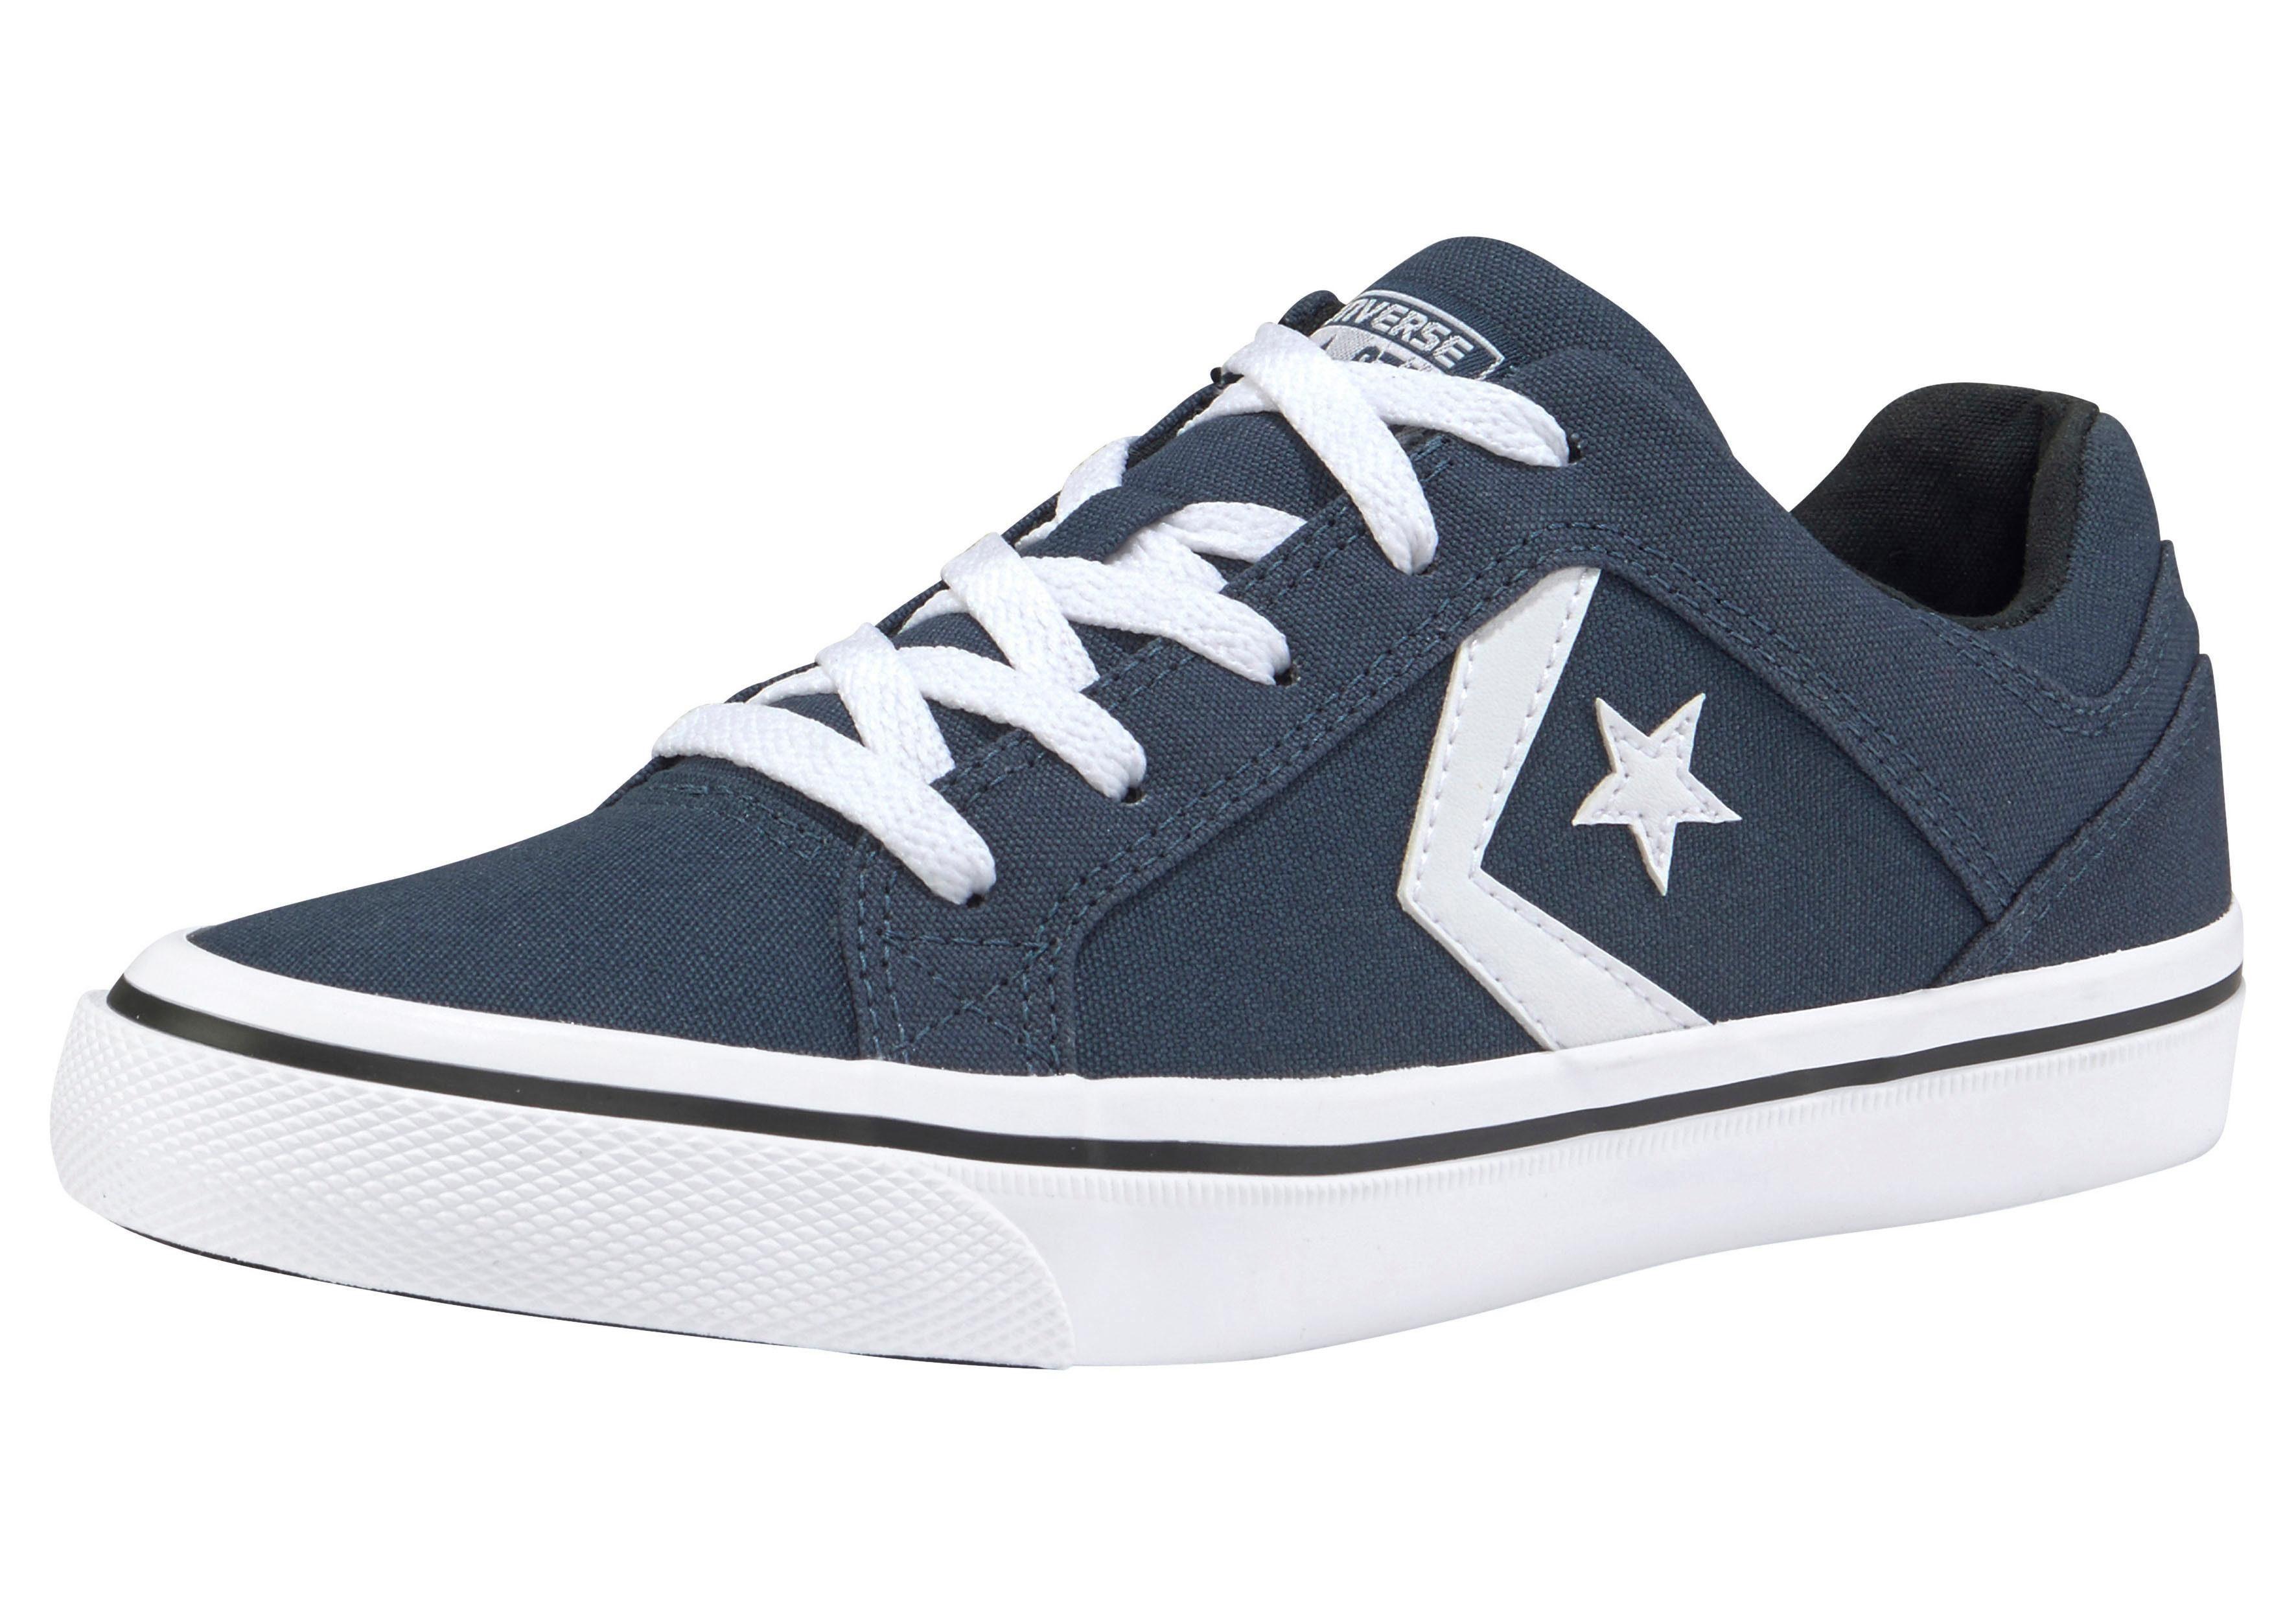 Converse Cons El Distrito Sneaker online kaufen  navy